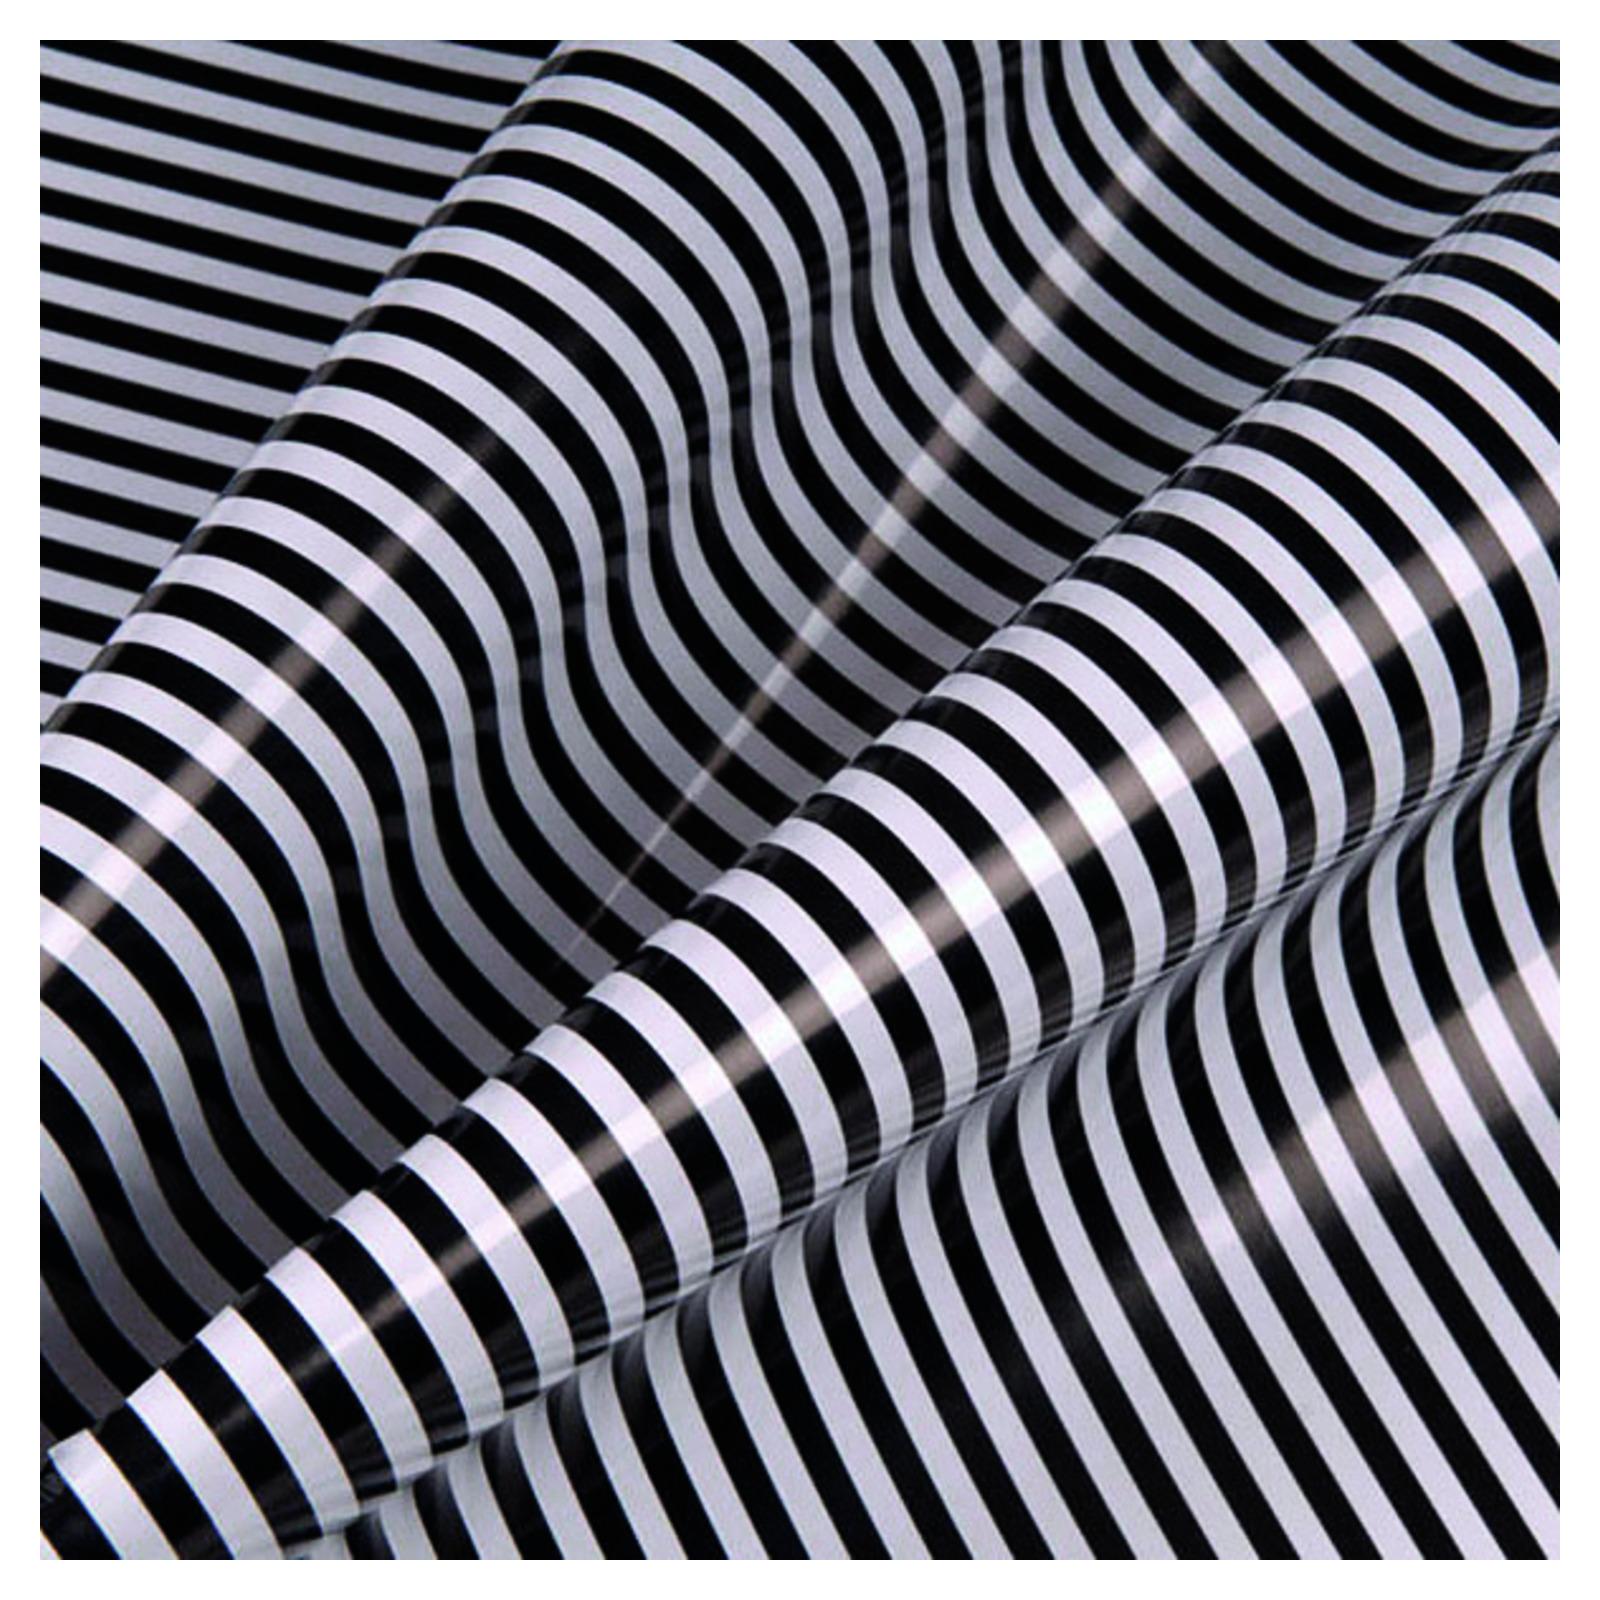 geschenkpapier streifen schwarz wei geschenkpapier einzelhandel geschenkverpackung. Black Bedroom Furniture Sets. Home Design Ideas